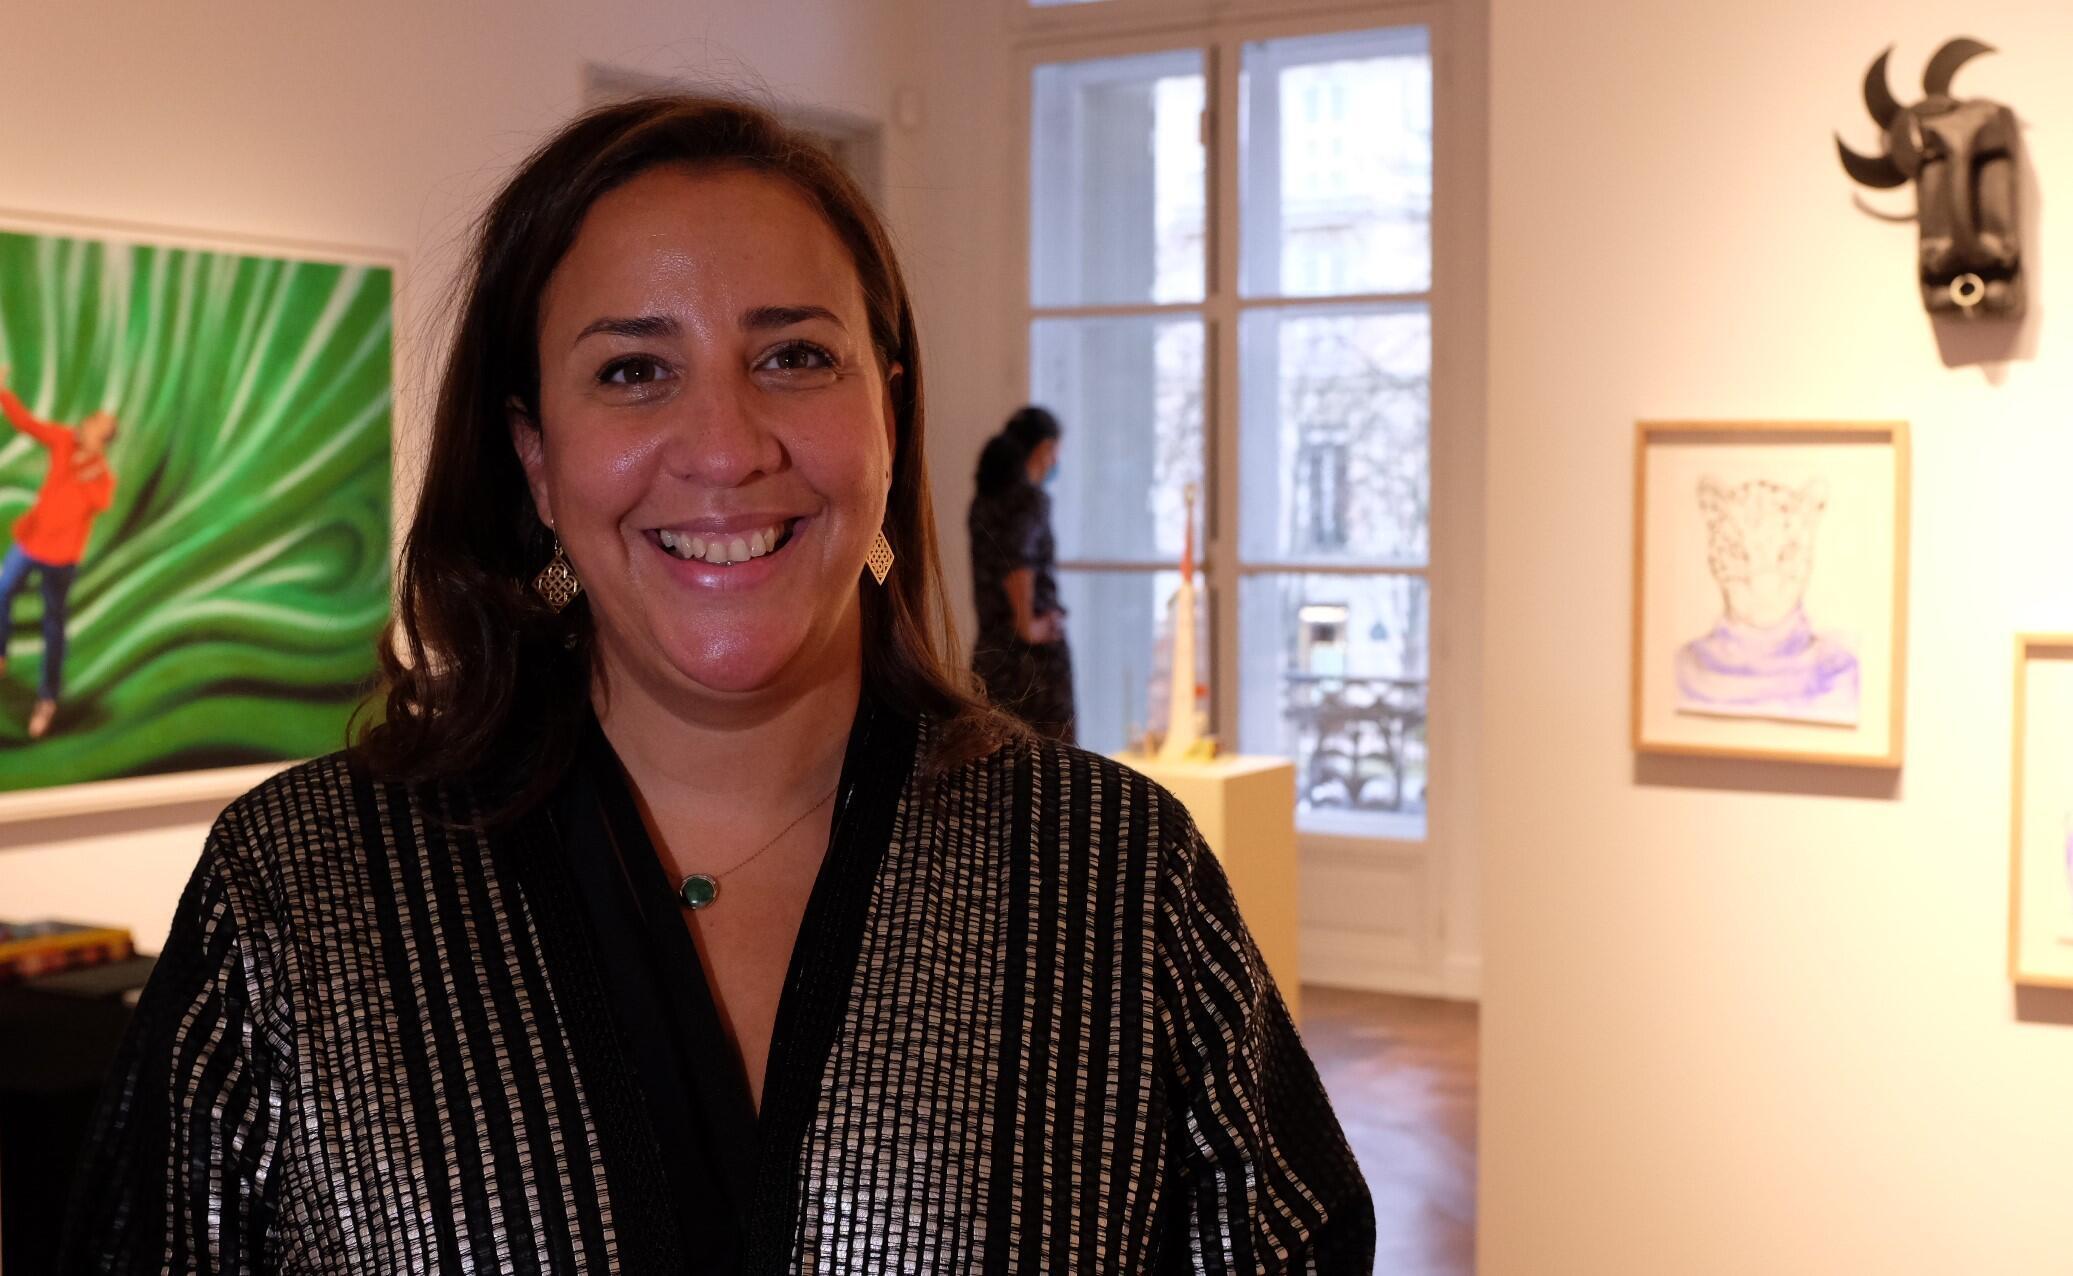 Touria El Glaoui, fondatrice et directrice de la foire dédiée à l'art contemporain africain et sa diaspora, 1-54, ici à l'édition 2021 de Paris.  © Siegfried Forster / RFI